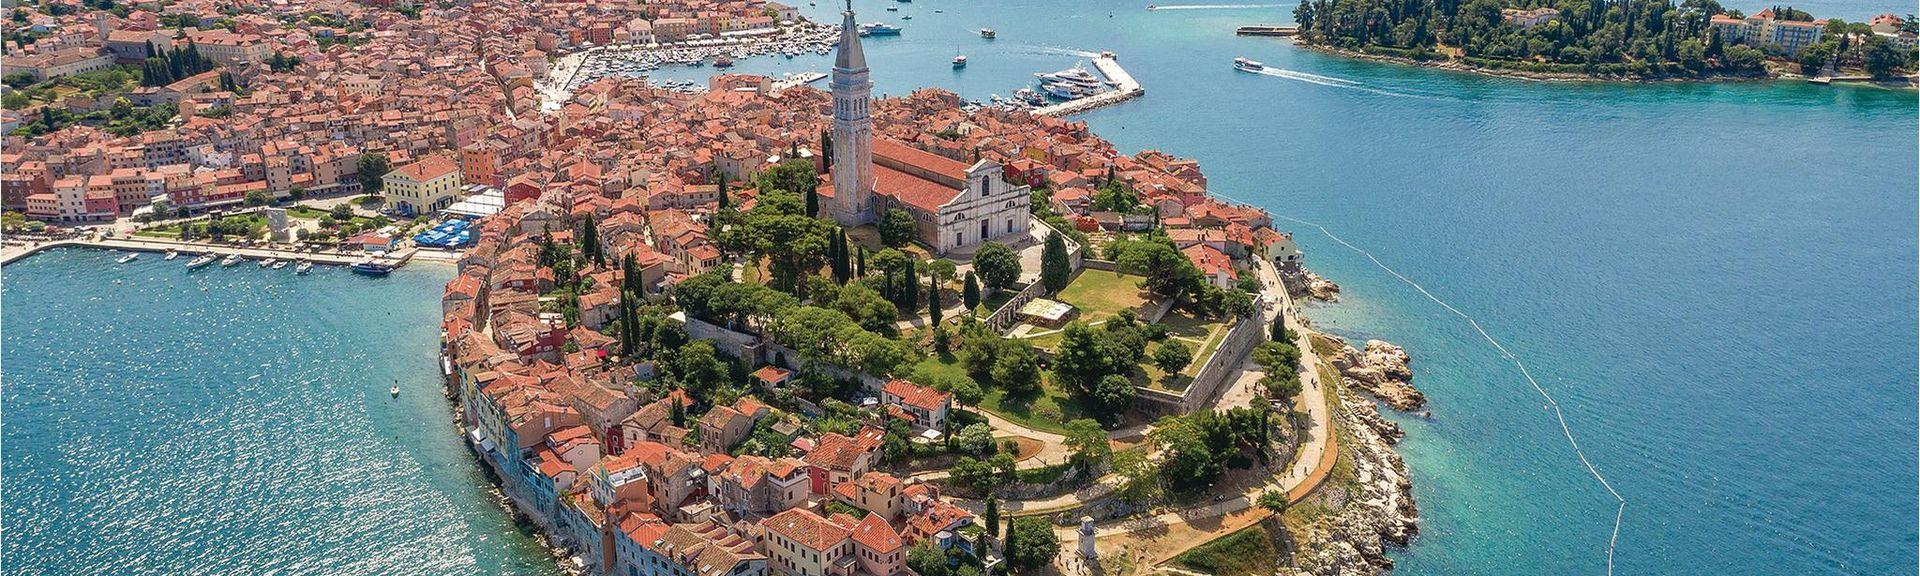 Heki, Istrien, Kroatien